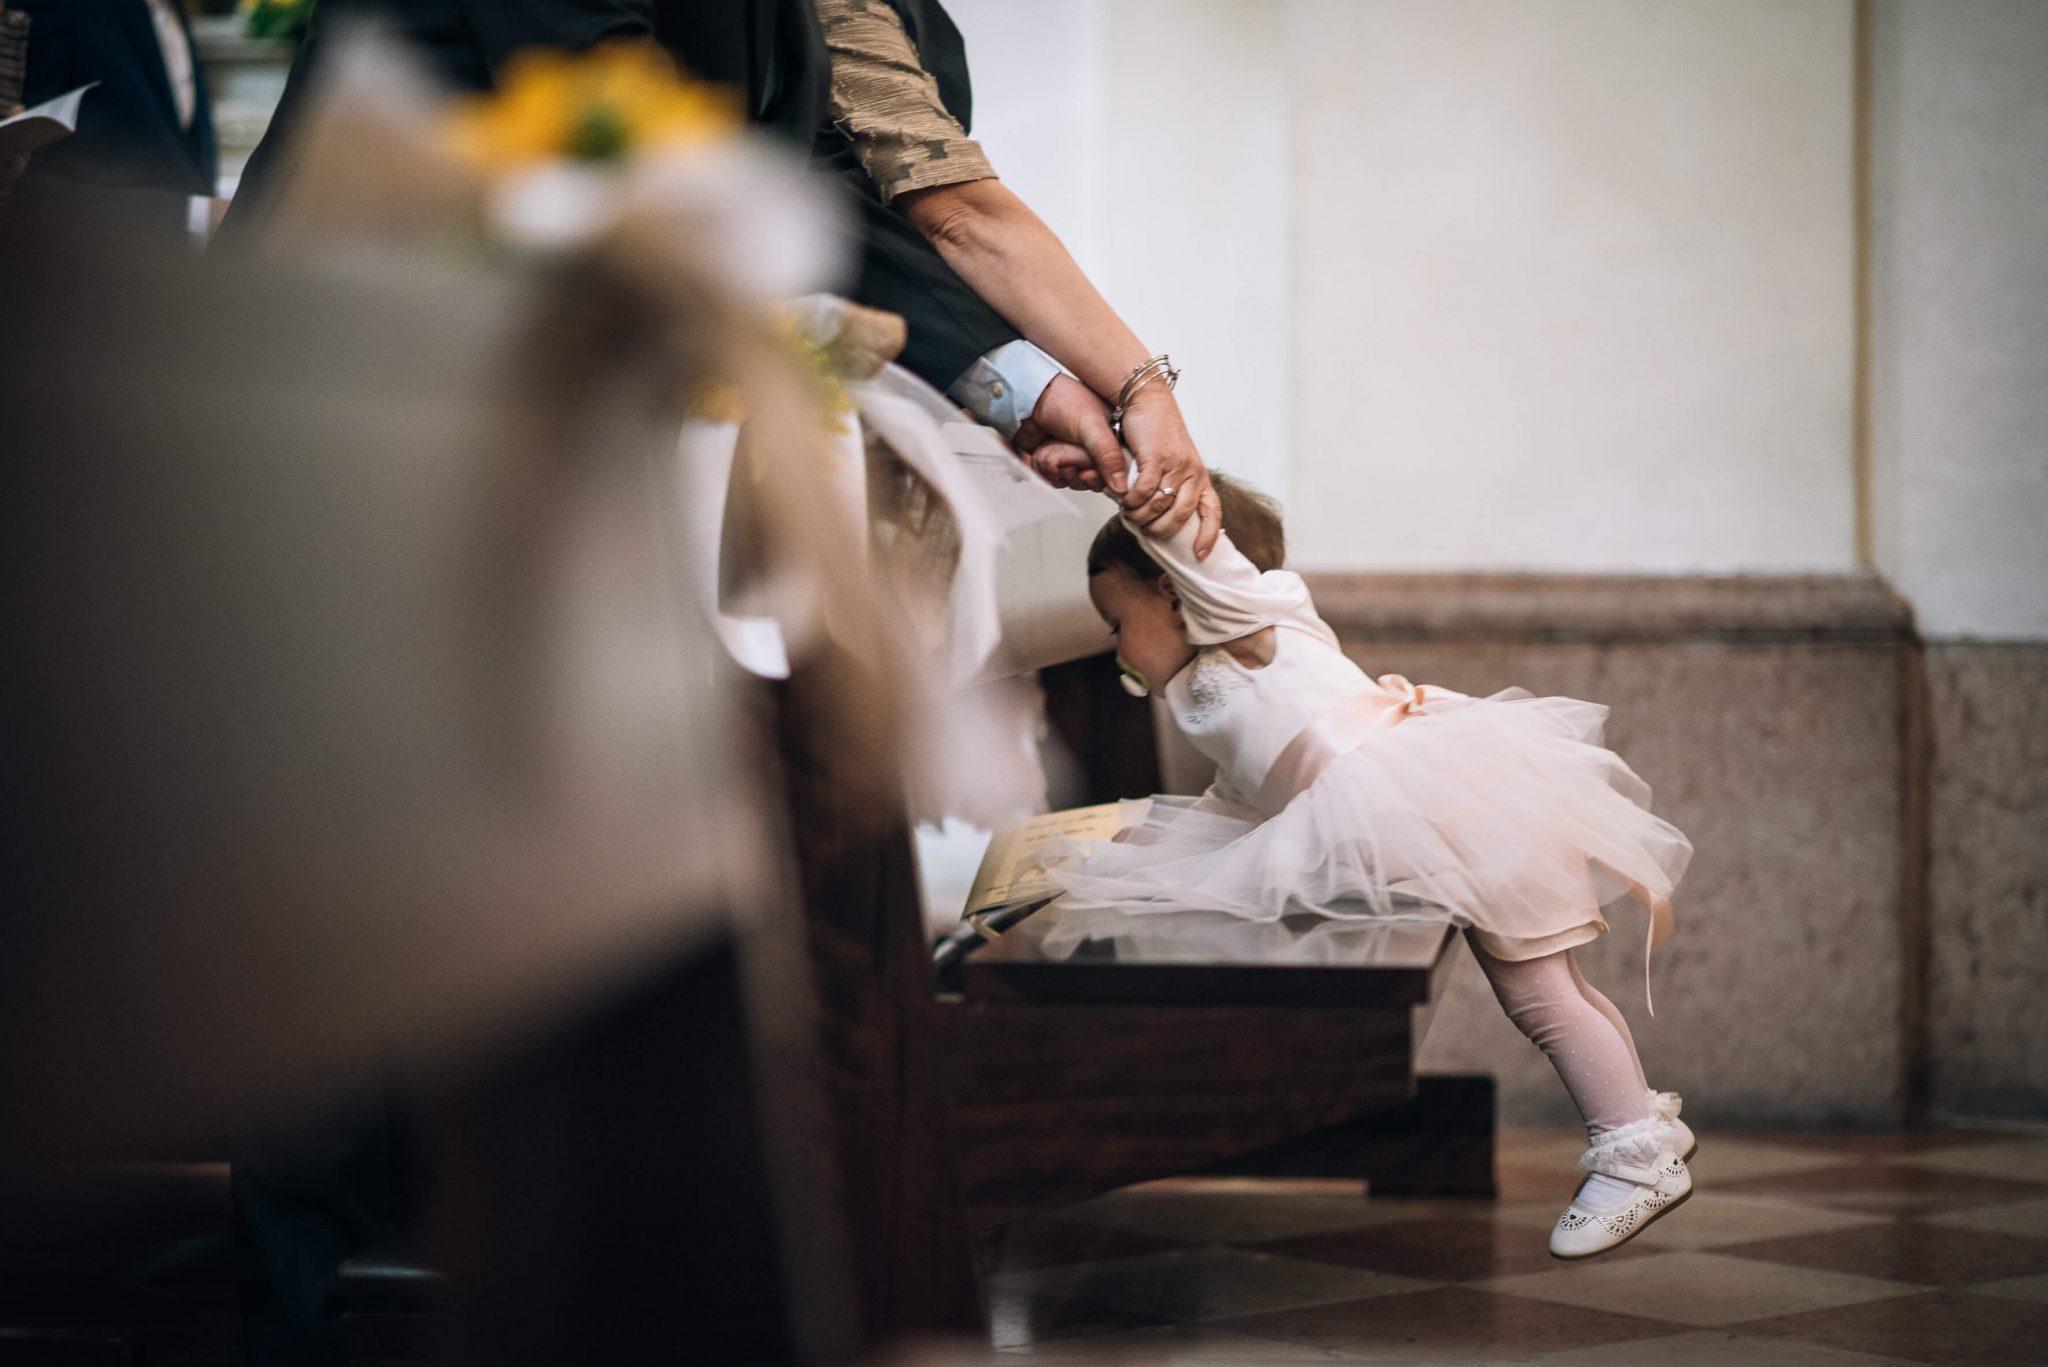 una bambina sulla panca della chiesa durante la celebrazione del matrimonio